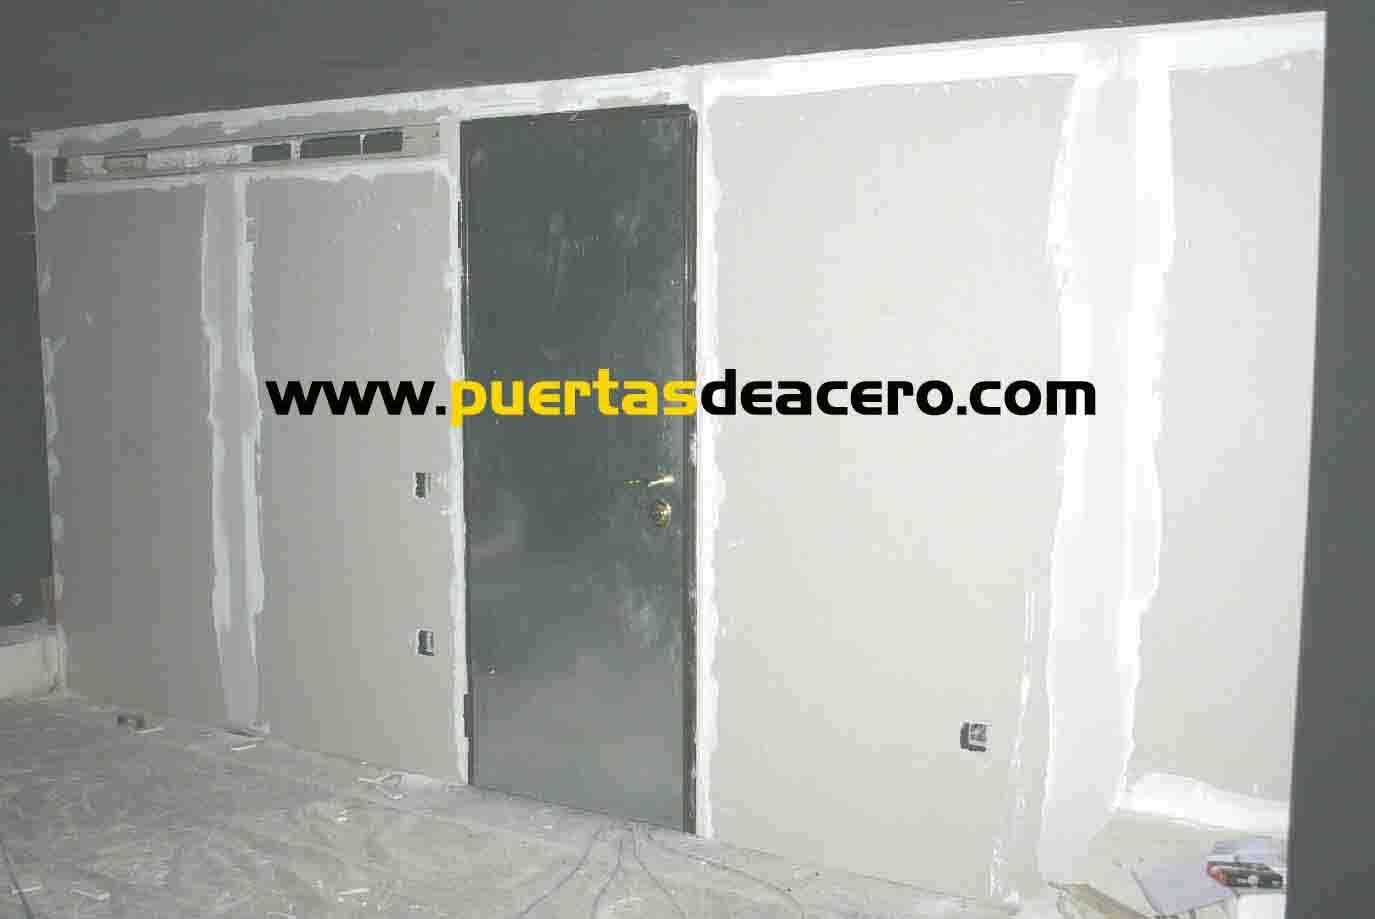 Paredes terminadas con simil pladur y puerta acorazada cortafuegos con doble blindaje